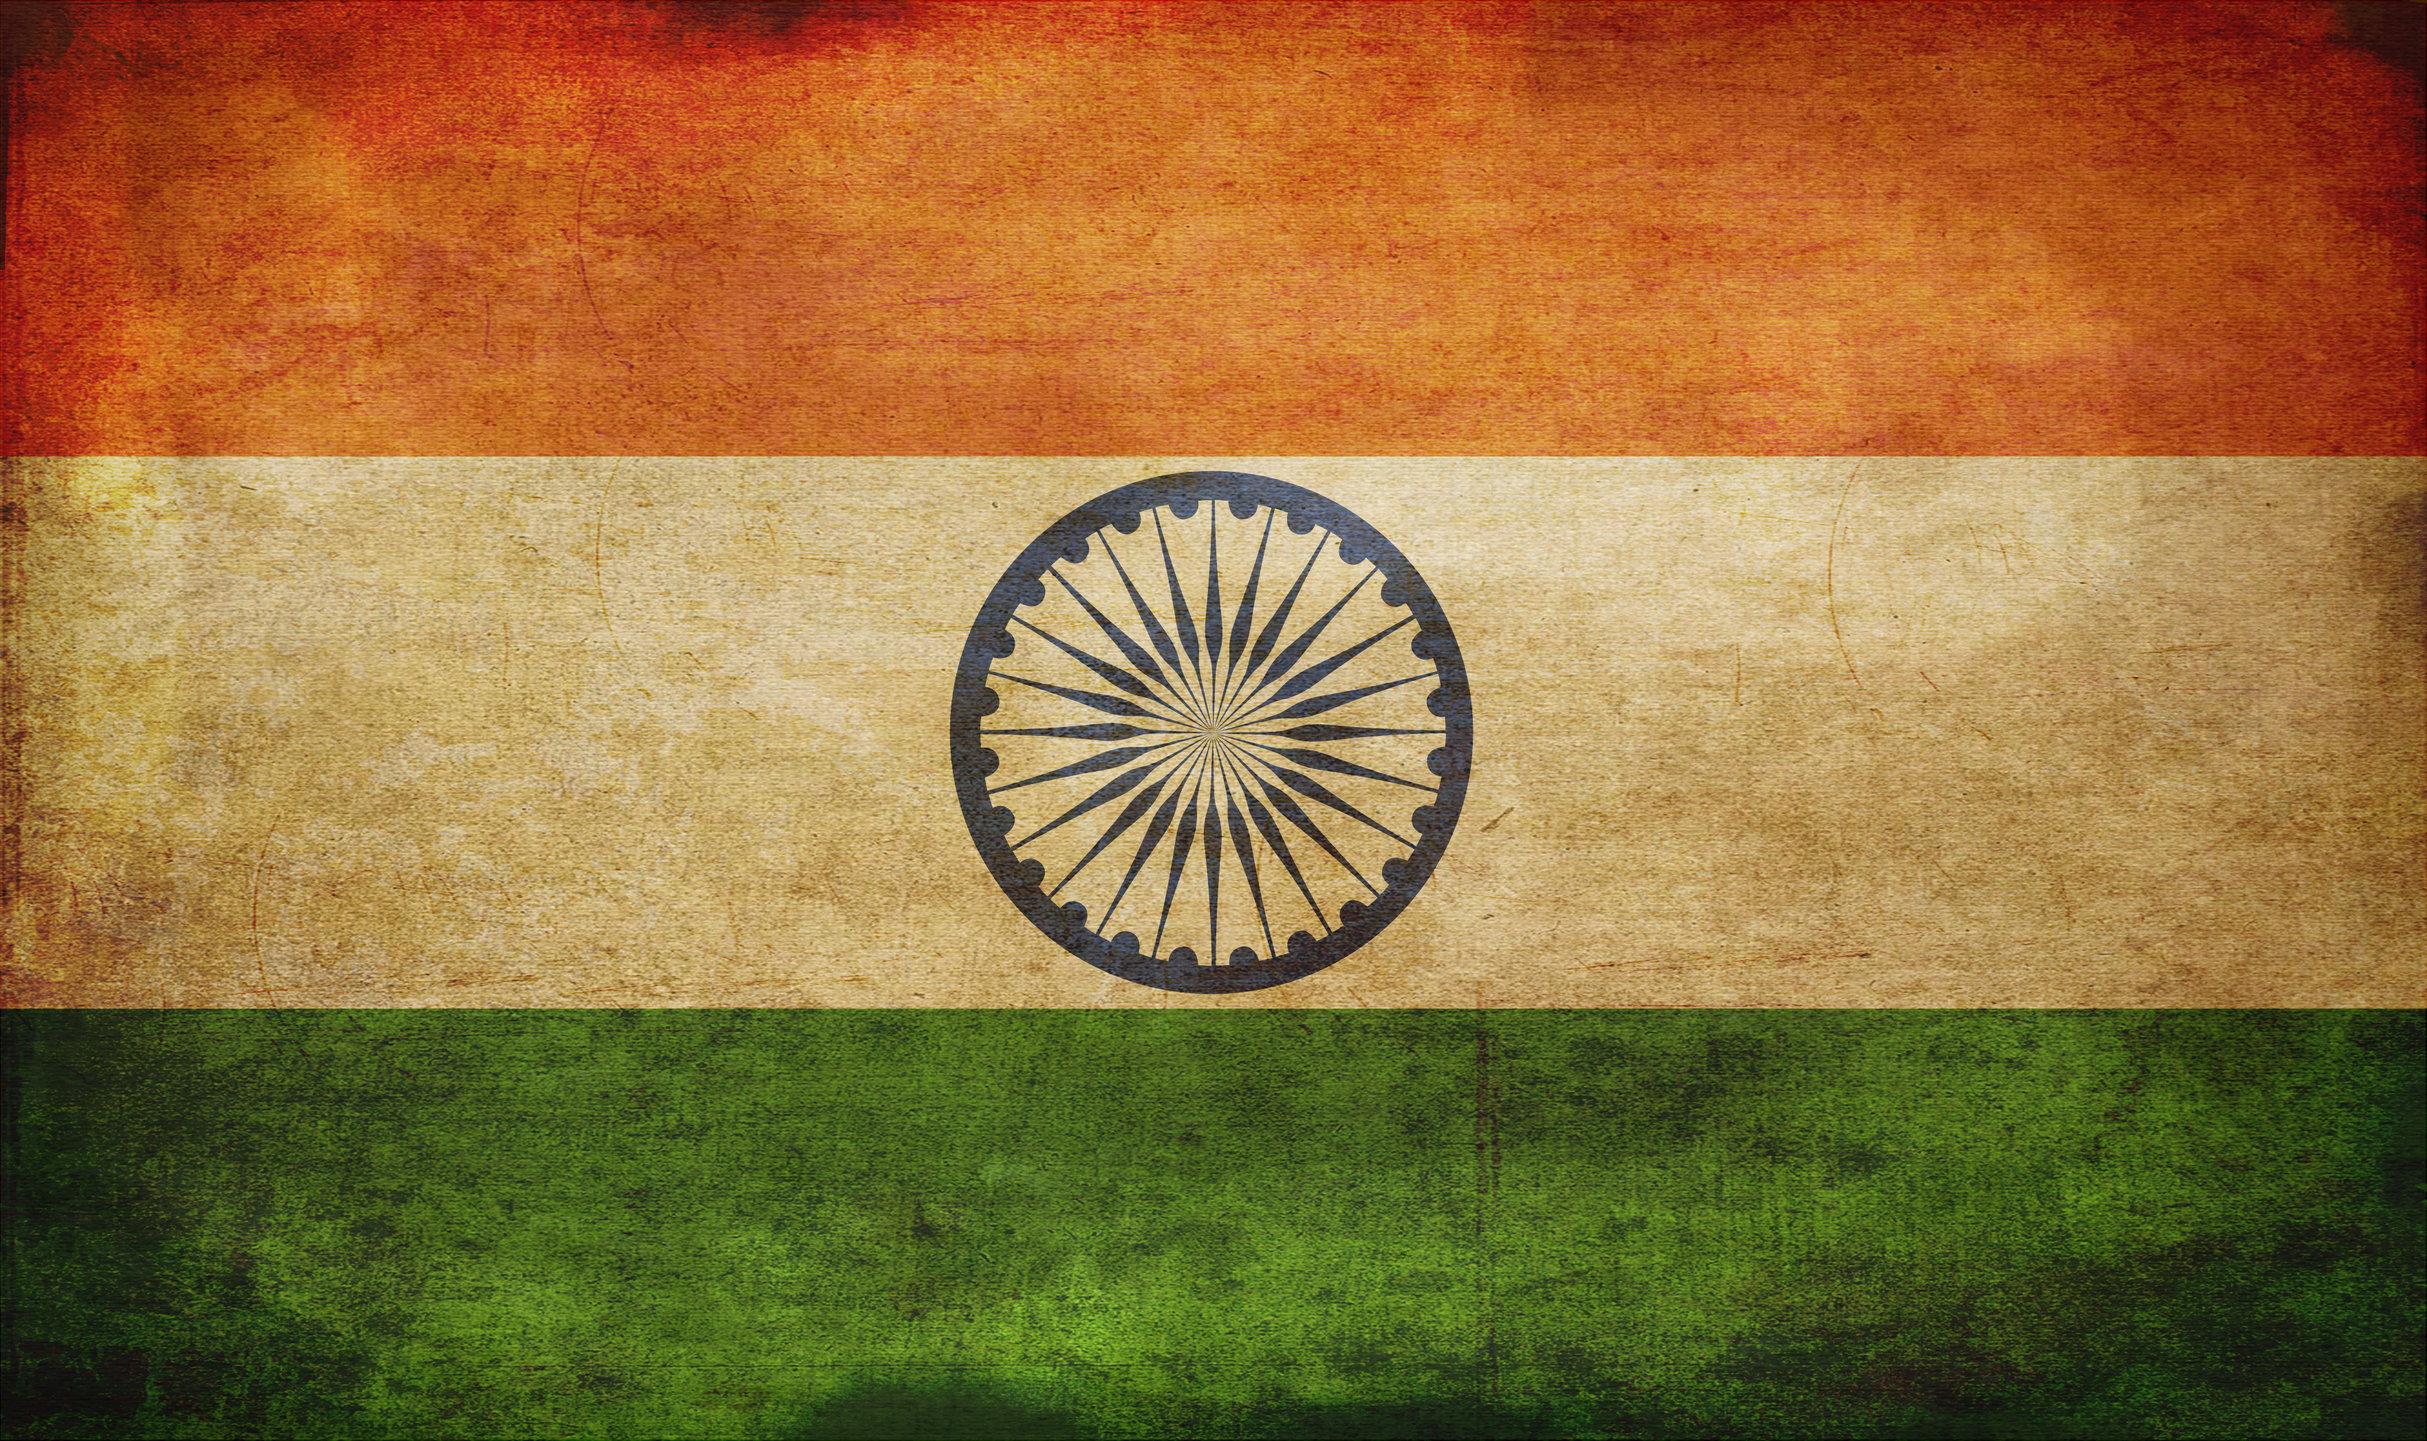 India grunge flag photo